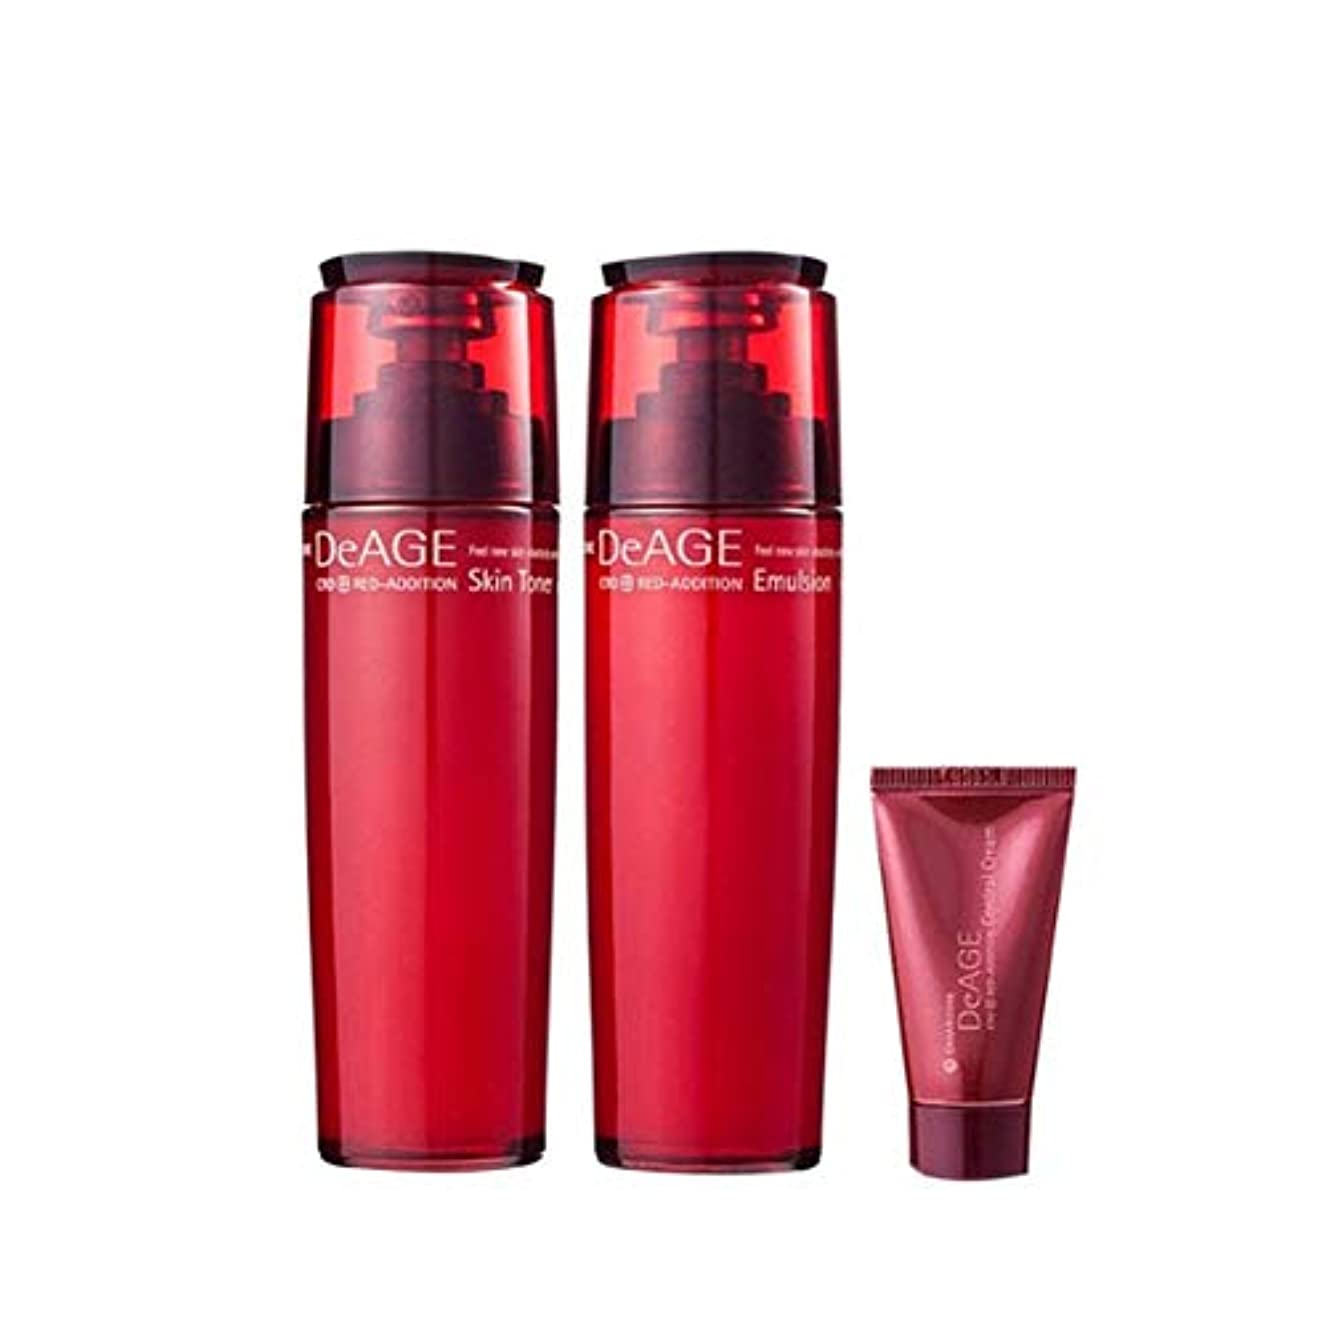 エントリベンチャーブロンズチャムジョンディエイジレッドエディションセット(スキントナー130ml、エマルジョン130ml、コントロールクリーム15ml)、Charmzone DeAGE Red Addition Set(Skin Toner 130ml...